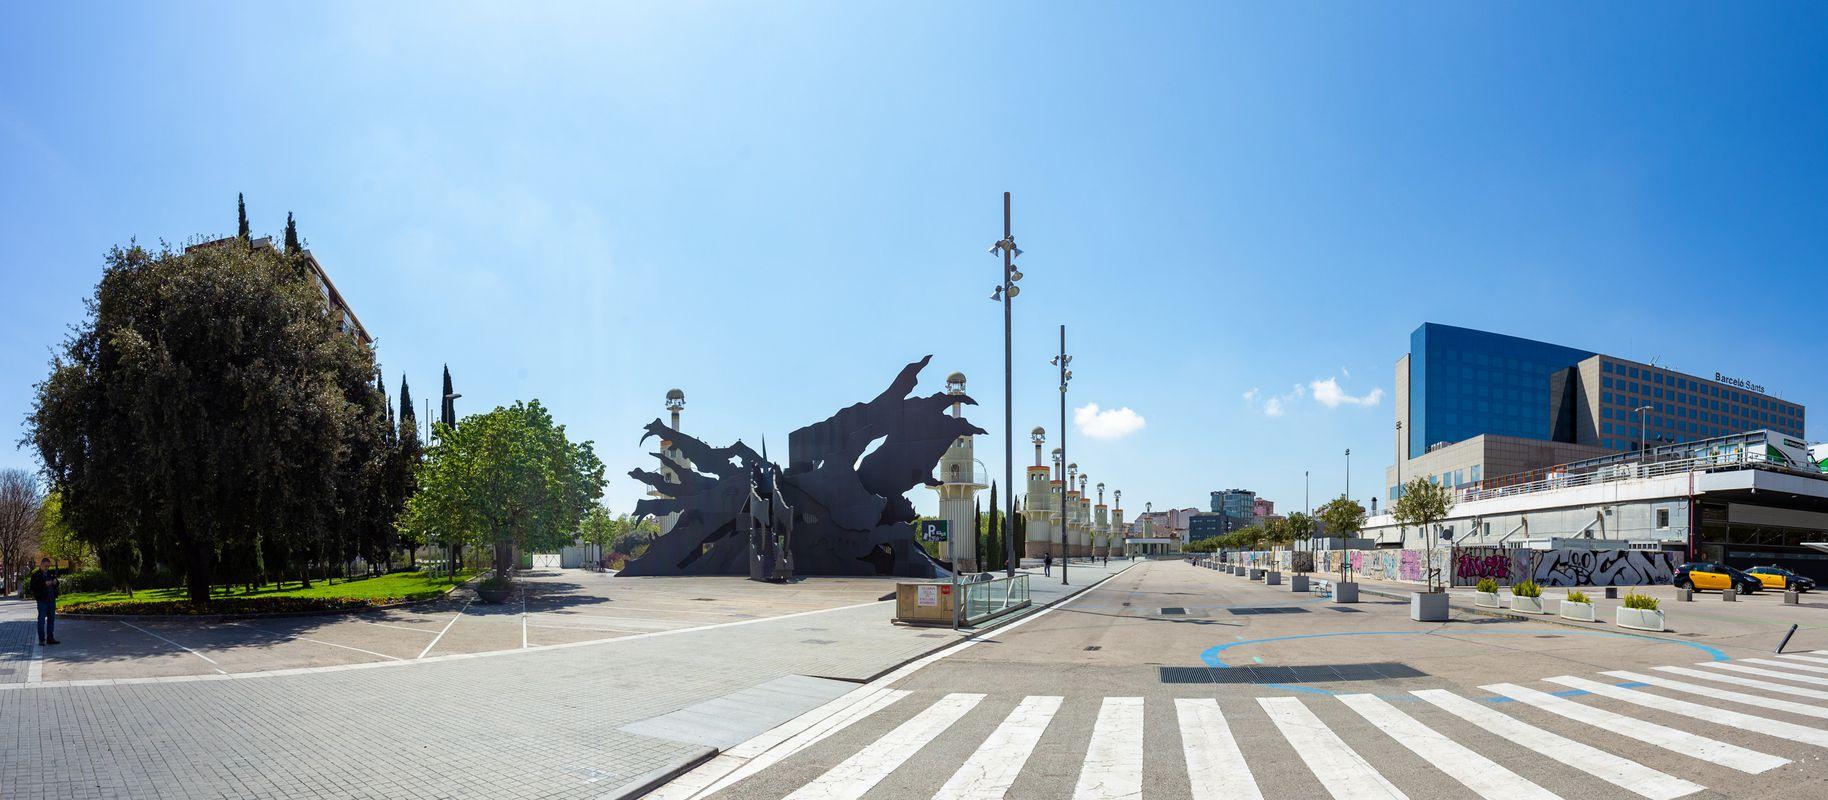 <div class='imageHoverDetail'>              <p class='imageHoverTitle twoLineBreak'>Alrededores de la estación de Barcelona Sants por la salida frente al parque ...</p>              <p class='imageHoverAutor oneLineBreak'>Autor: Marc Lozano</p>              <button class='imageHoverBtn'>Ver los detalles de la imagen <span class='sr-only'>Alrededores de la estación de Barcelona Sants por la salida frente al parque ...</span></button>              </div>